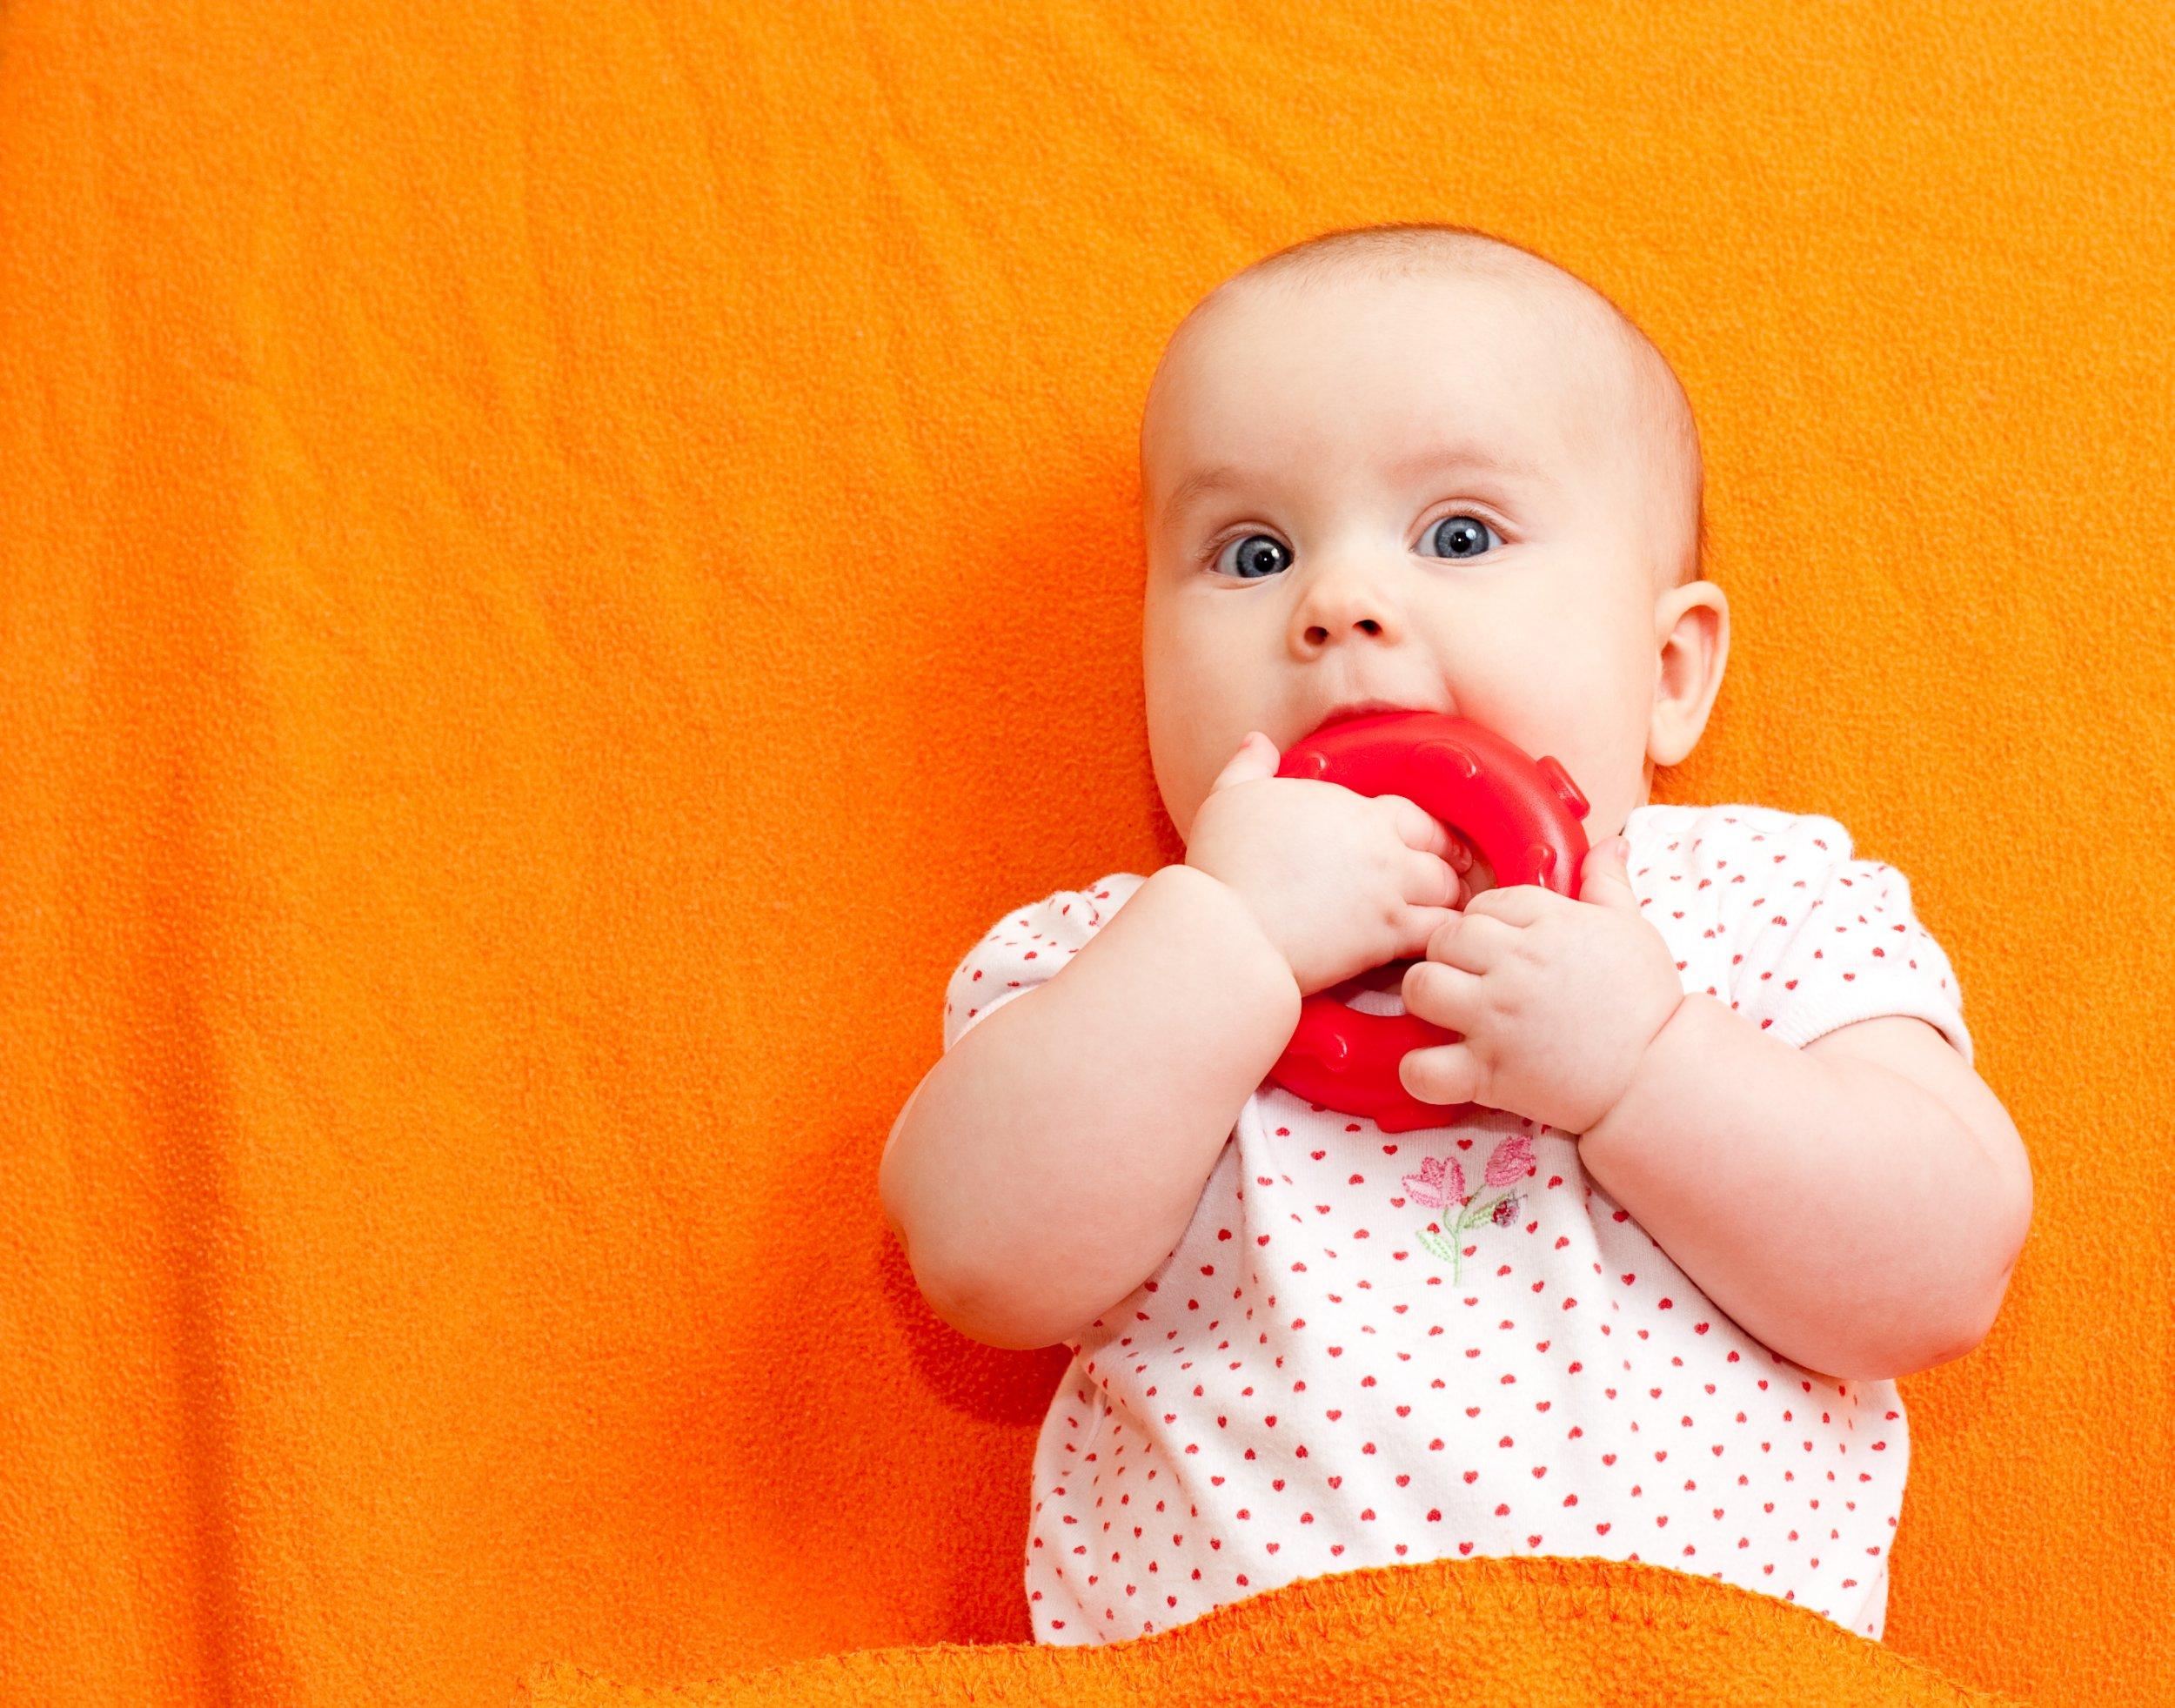 baby-teething-istock